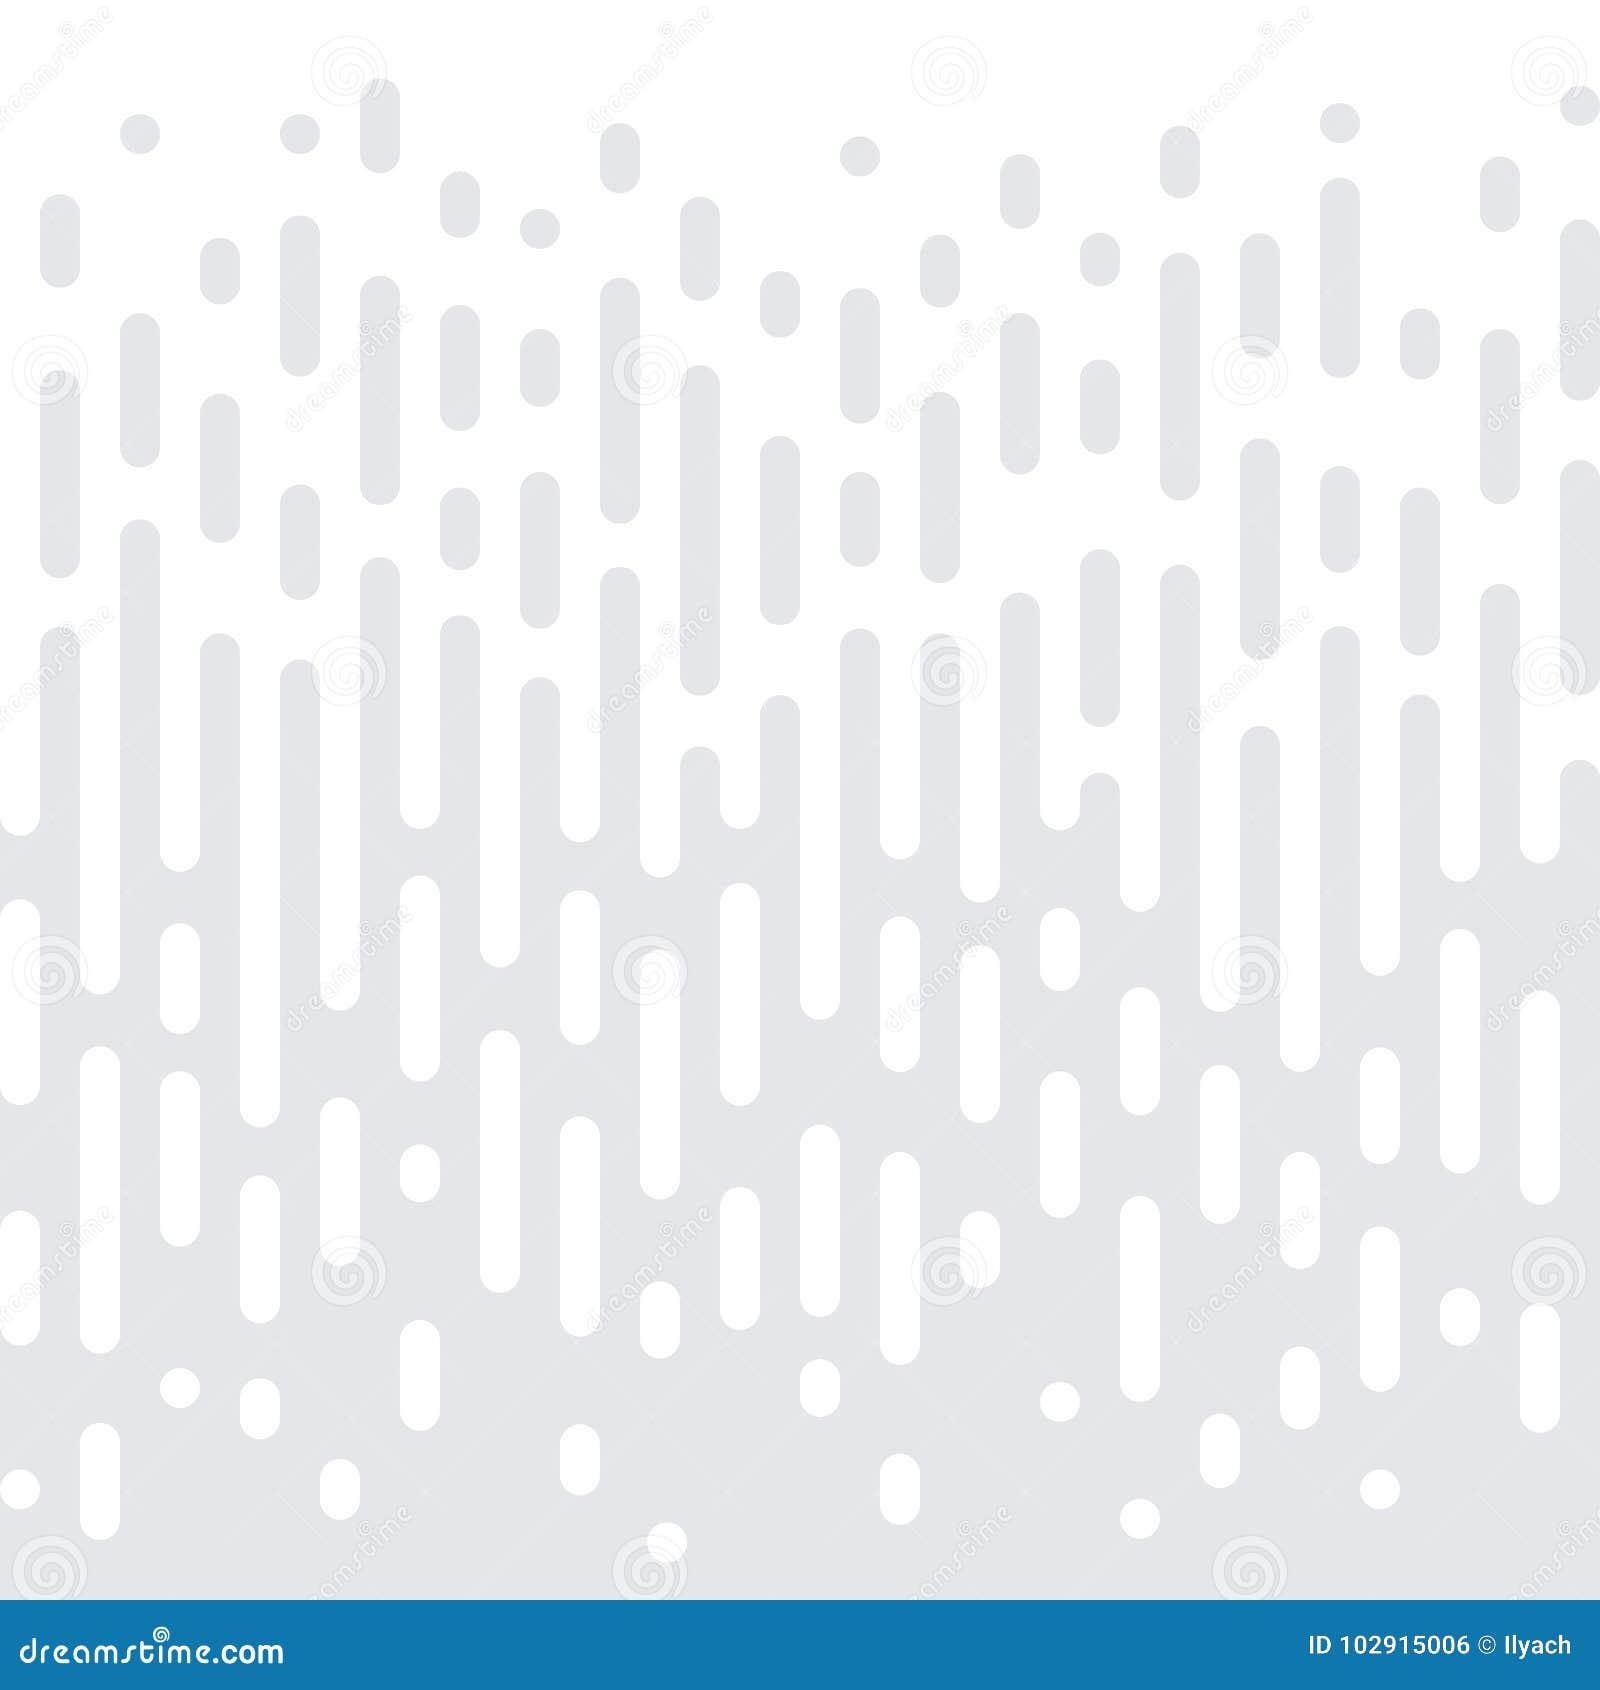 Fondo mínimo blanco de la textura de la pendiente del vector inconsútil de semitono geométrico abstracto del modelo